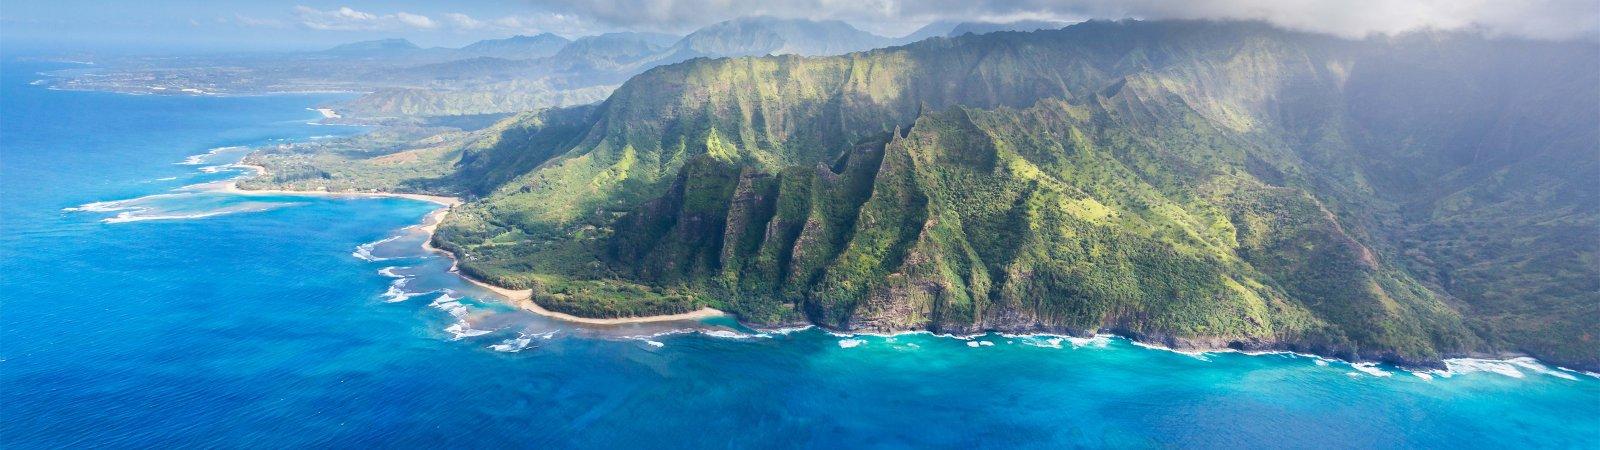 Kauai Shared Ownership Properties